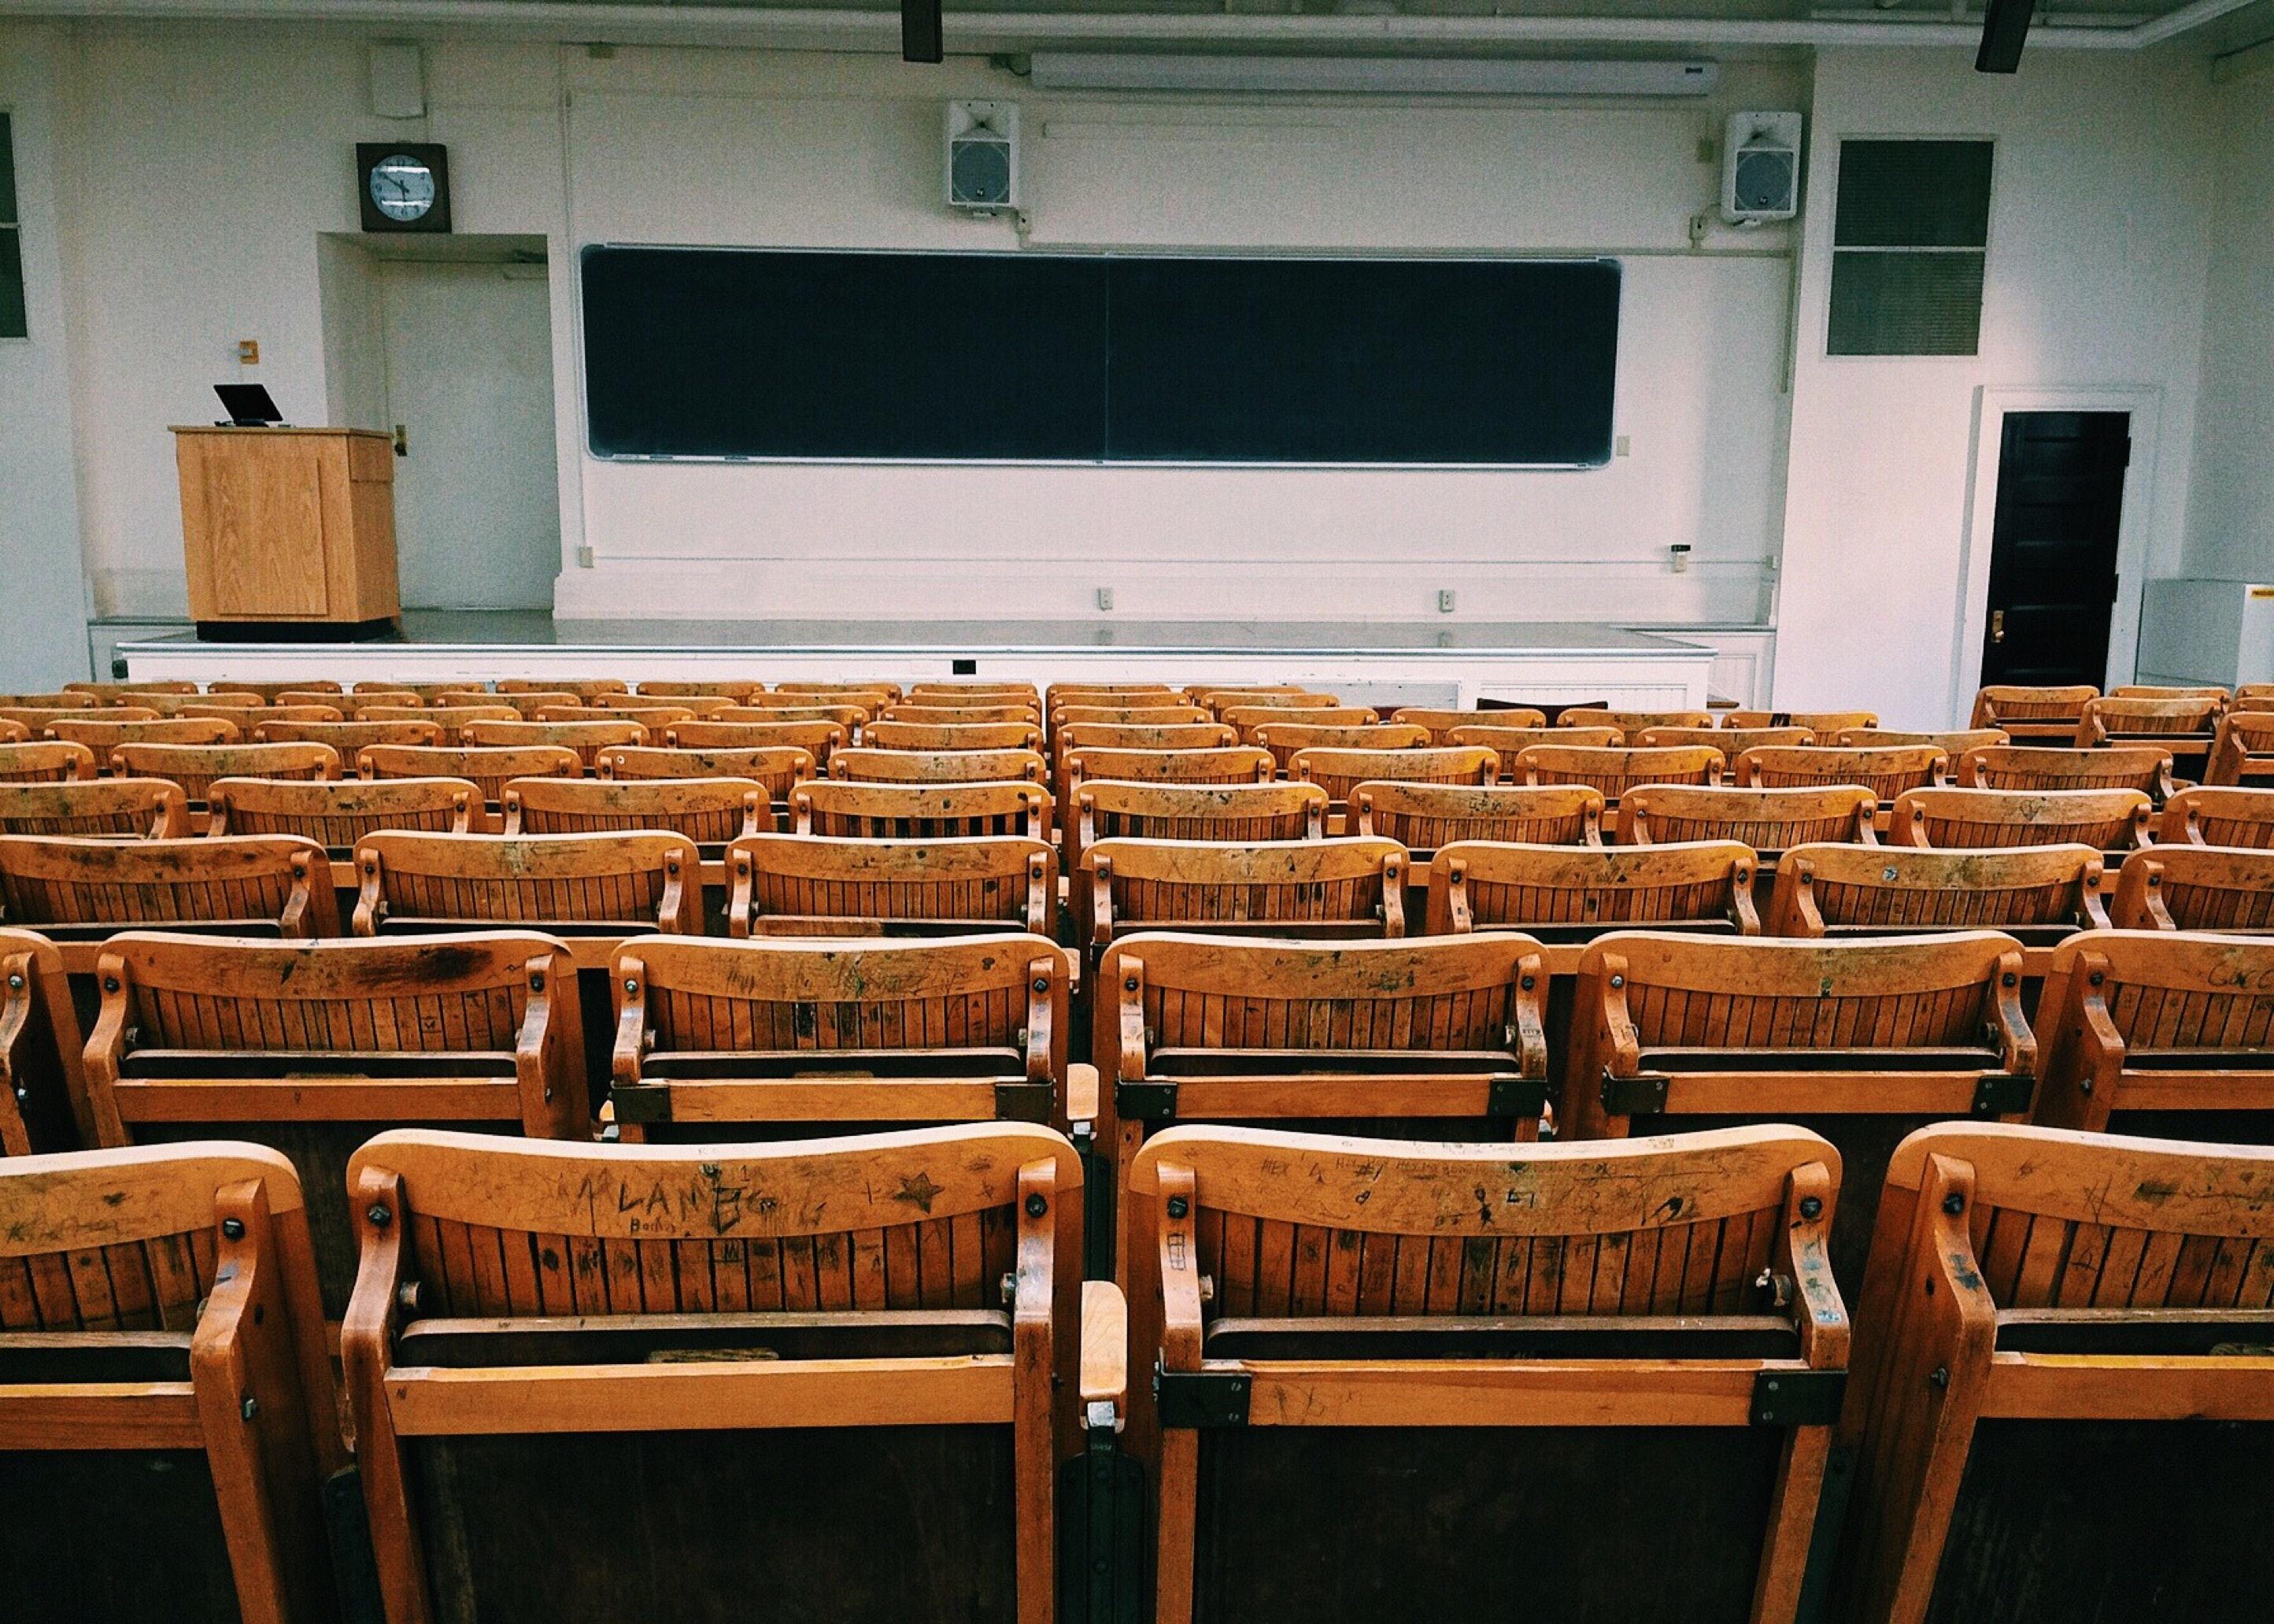 auditorium-benches-board-207691